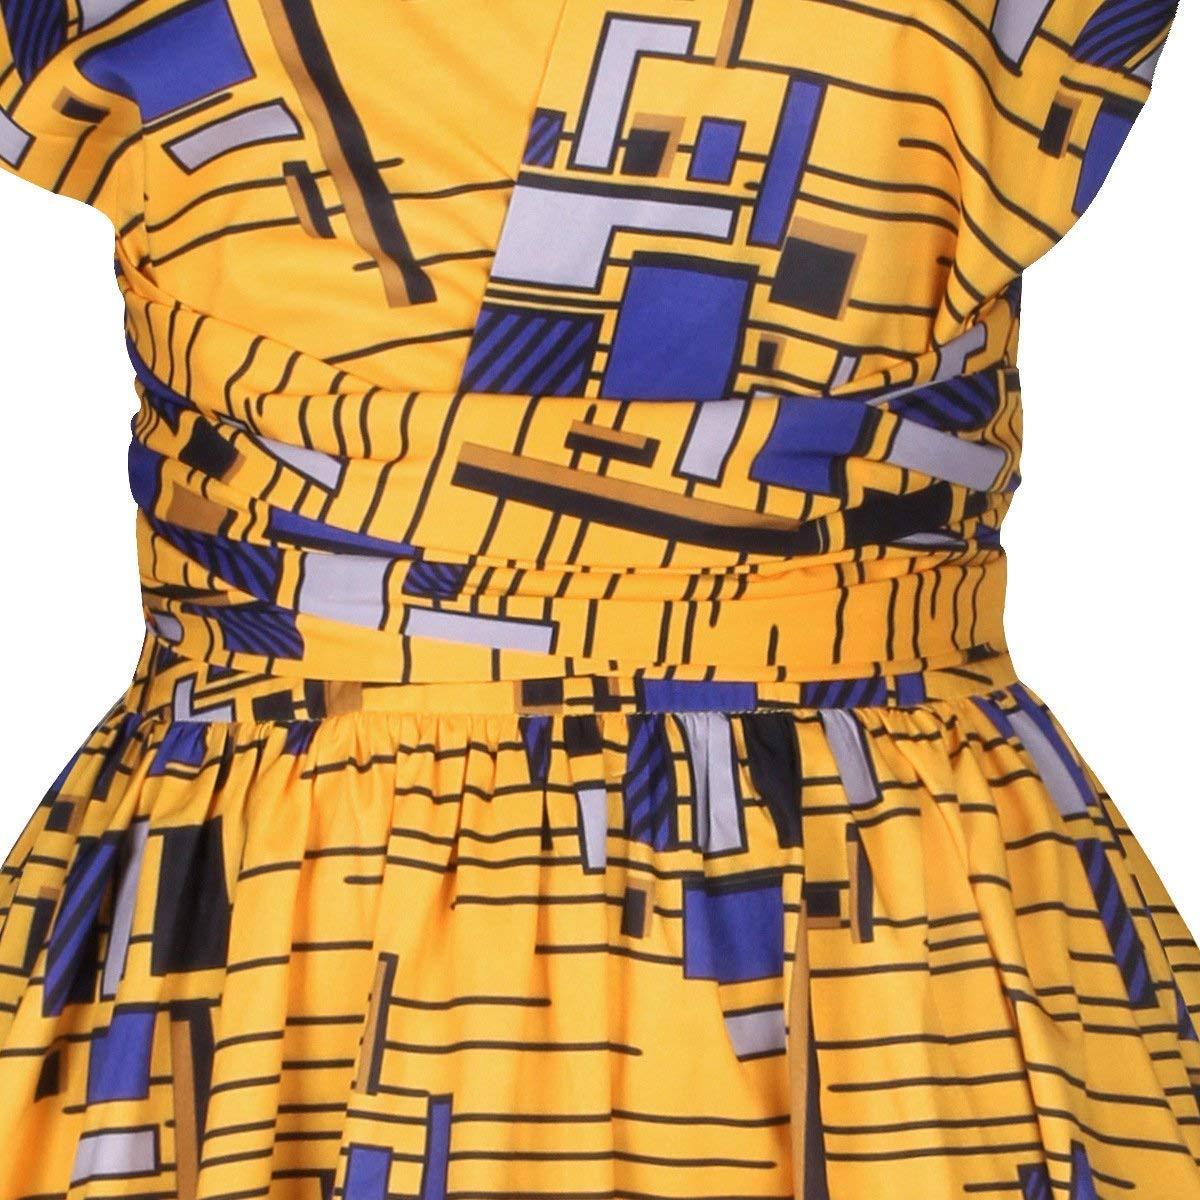 Femmes Robe Africaine Style Ethnique Multi Wear Robe De Tailles Confortables Soir/ée Vintage Robes Courtes Multiway vetement Robe D/Ét/é Bandage /Él/égante Robe De Plage Robe De Cocktail Robe De Soir/ée